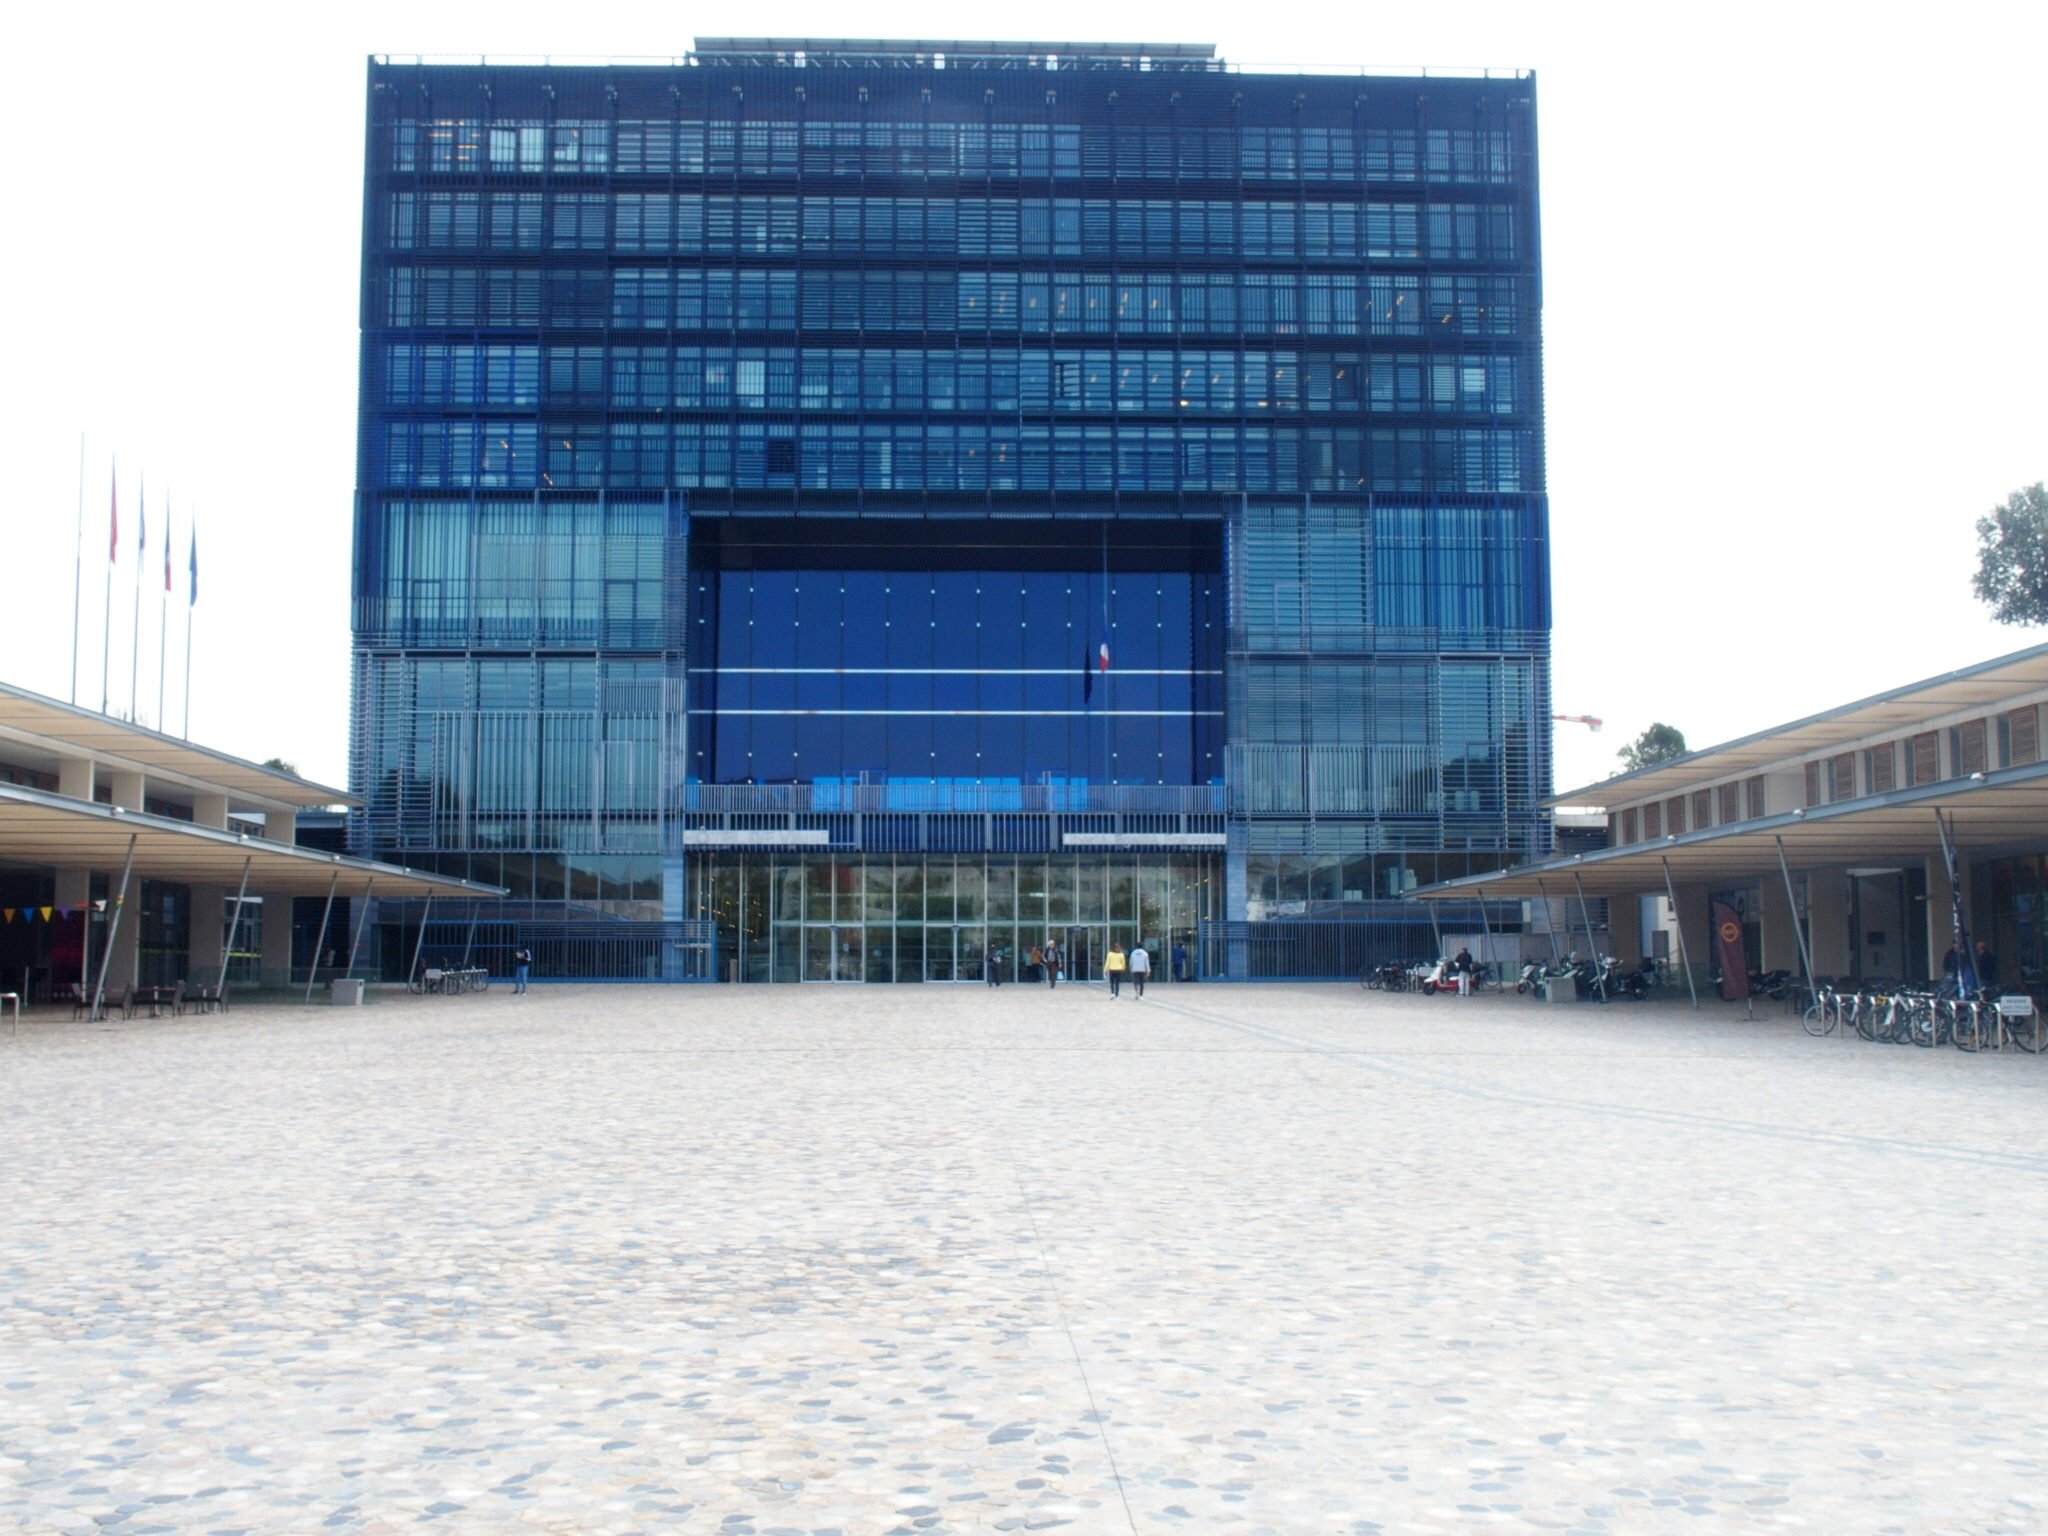 Montpellier's Hôtel de Ville, or city hall